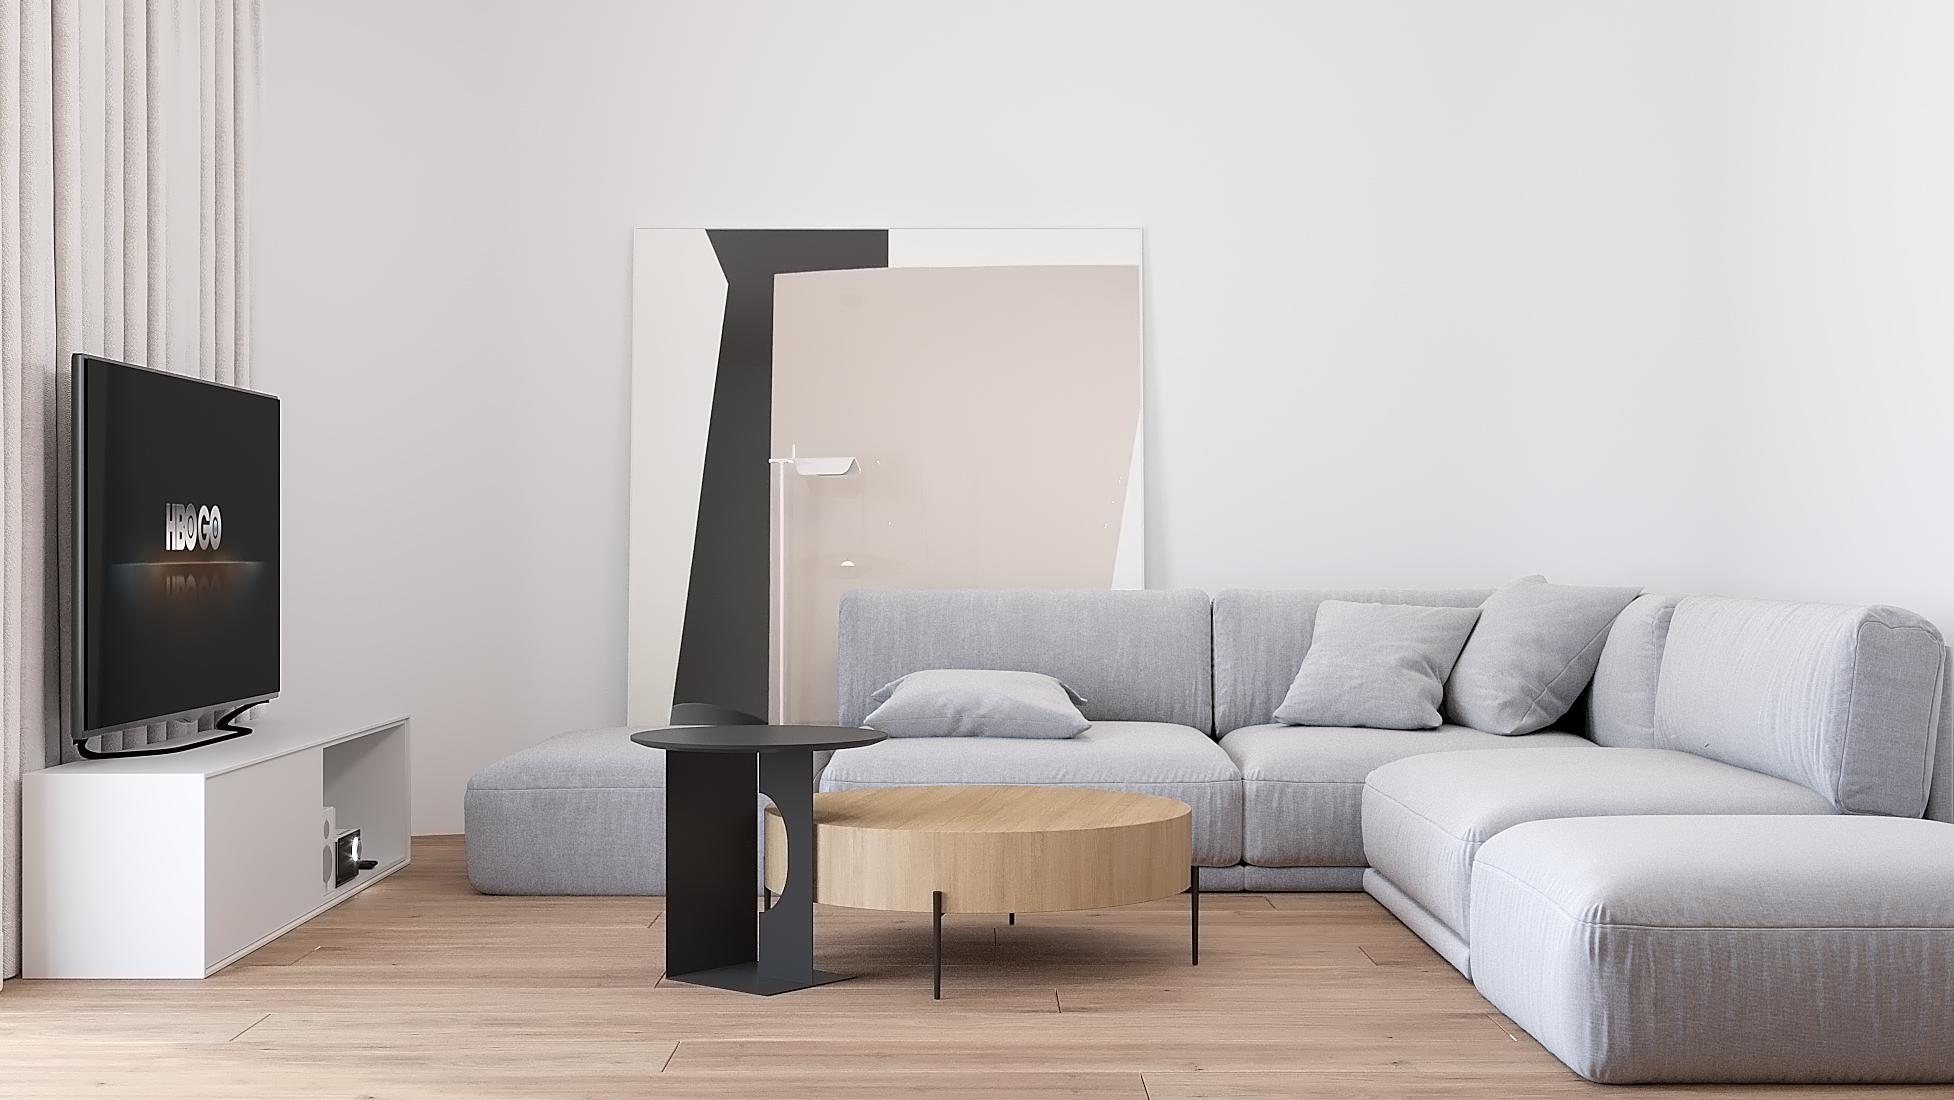 6 projekty wnetrz D495 dom Krakow salon duza sofa obraz we wentrzu drewniana podloga podwieszany sufit z rynnami